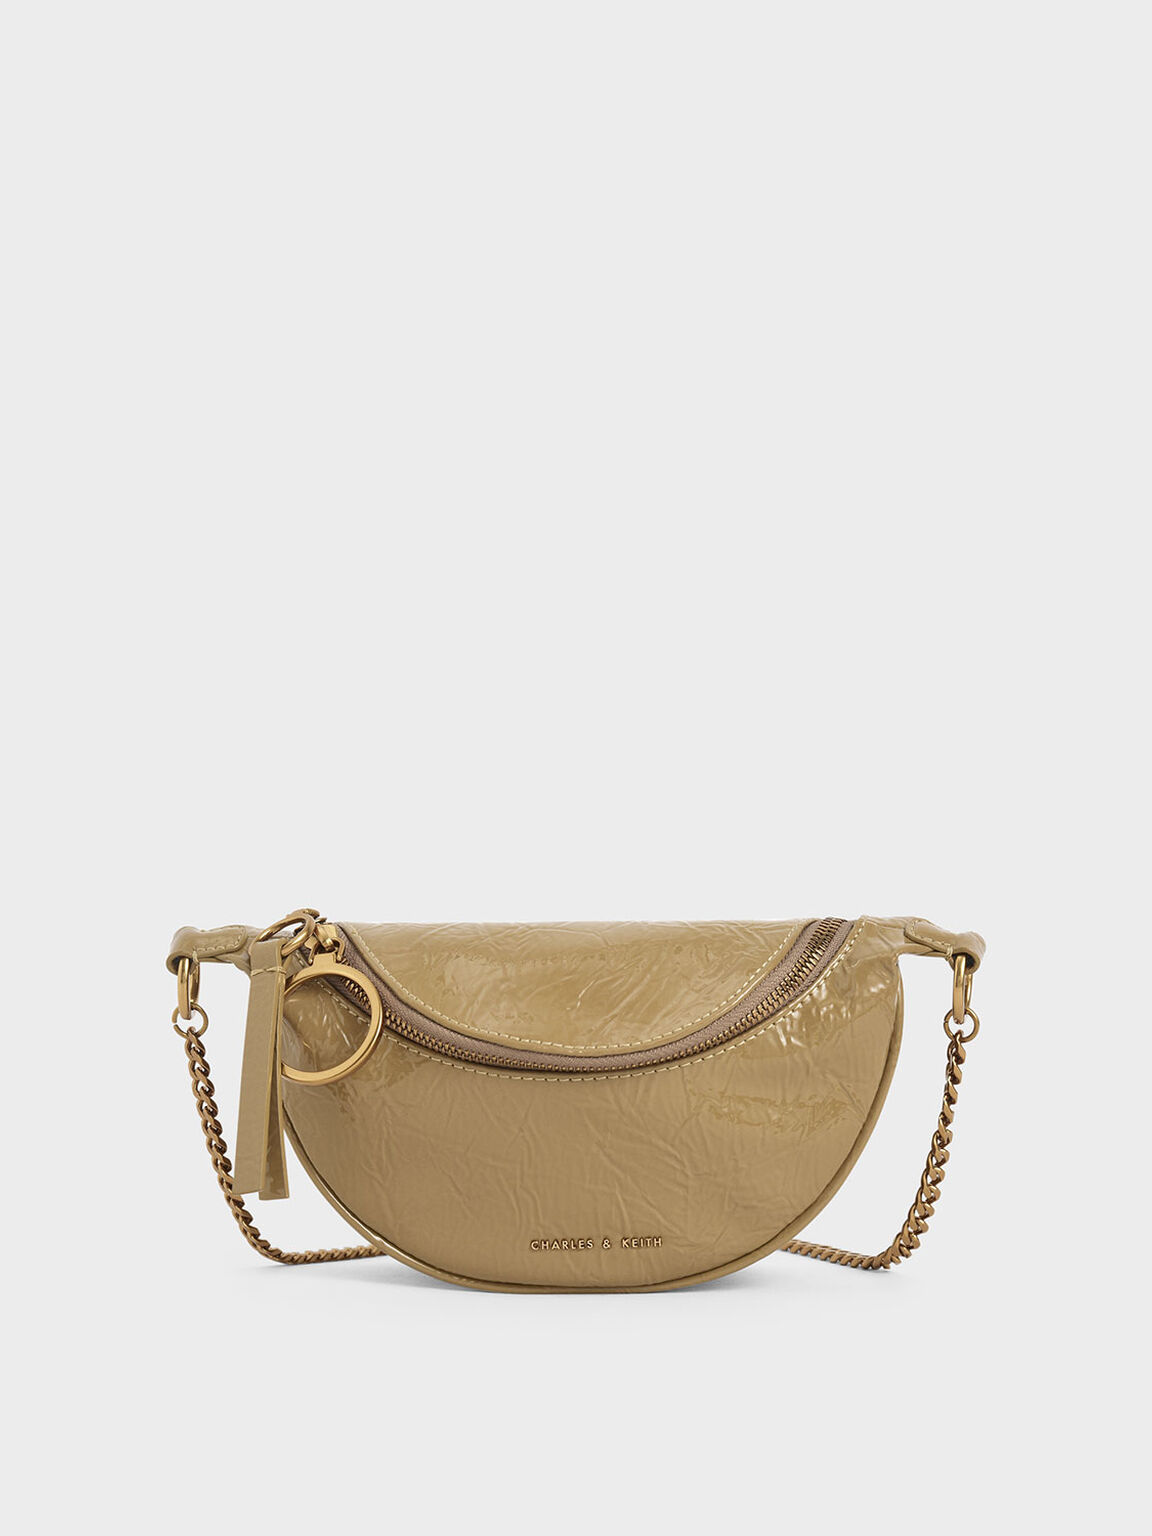 Wrinkled Patent Semi-Circle Crossbody Bag, Sand, hi-res